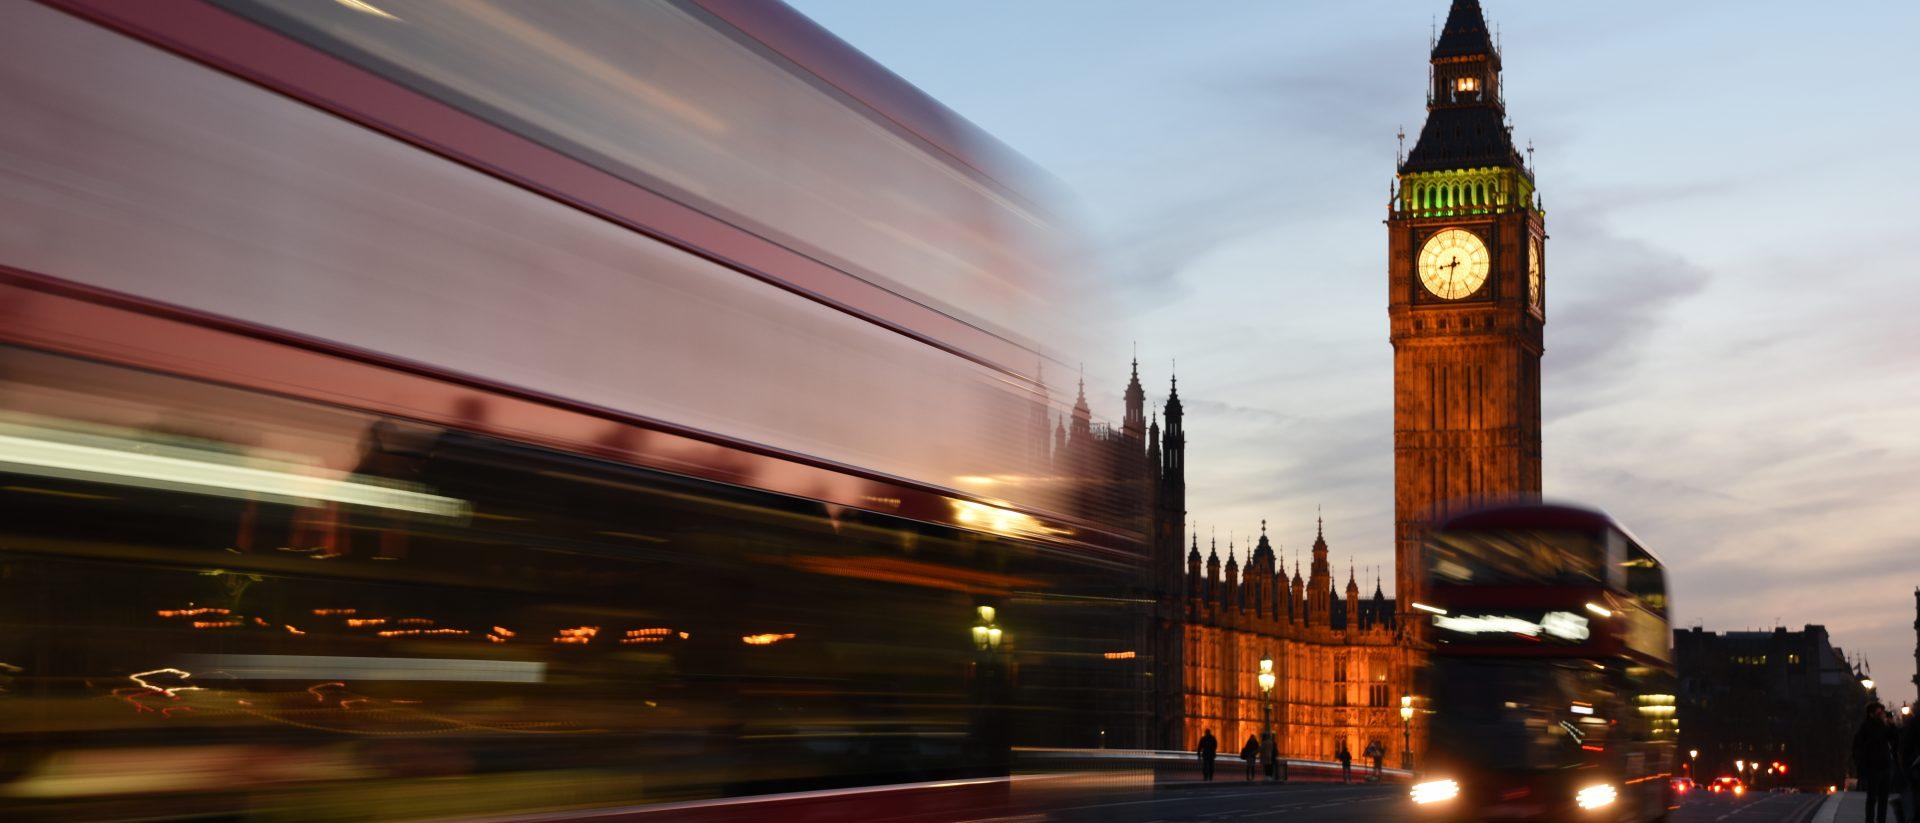 david-dibert-87899 unsplash parliament bus